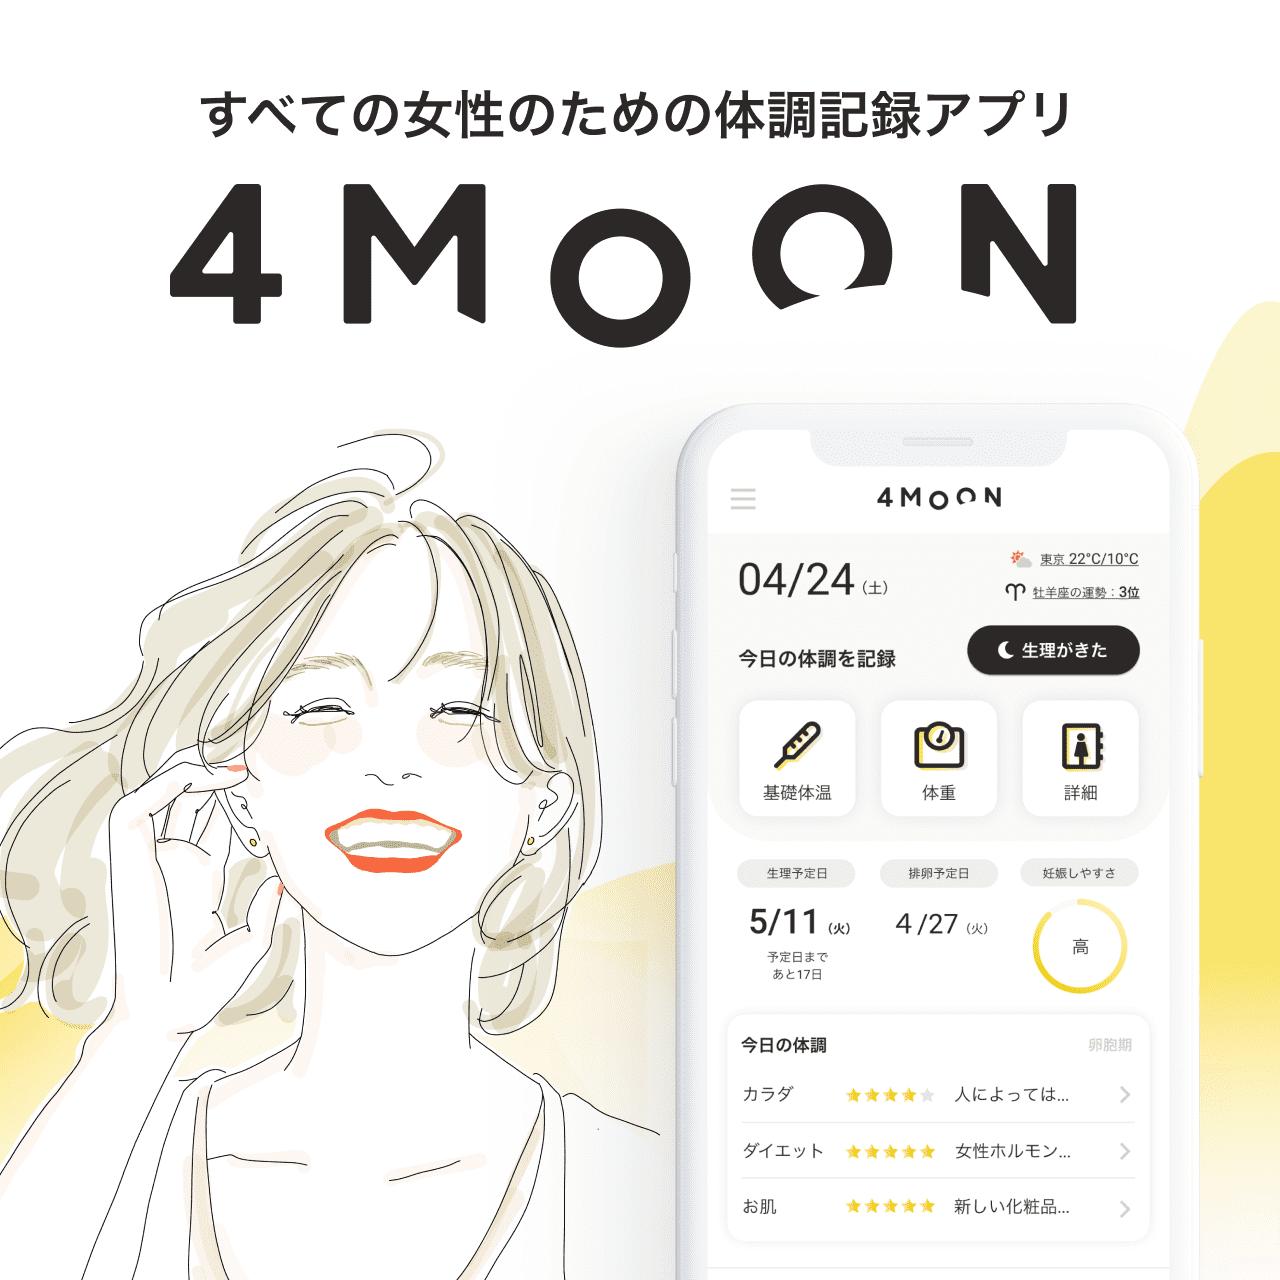 生理日管理アプリ4MOON